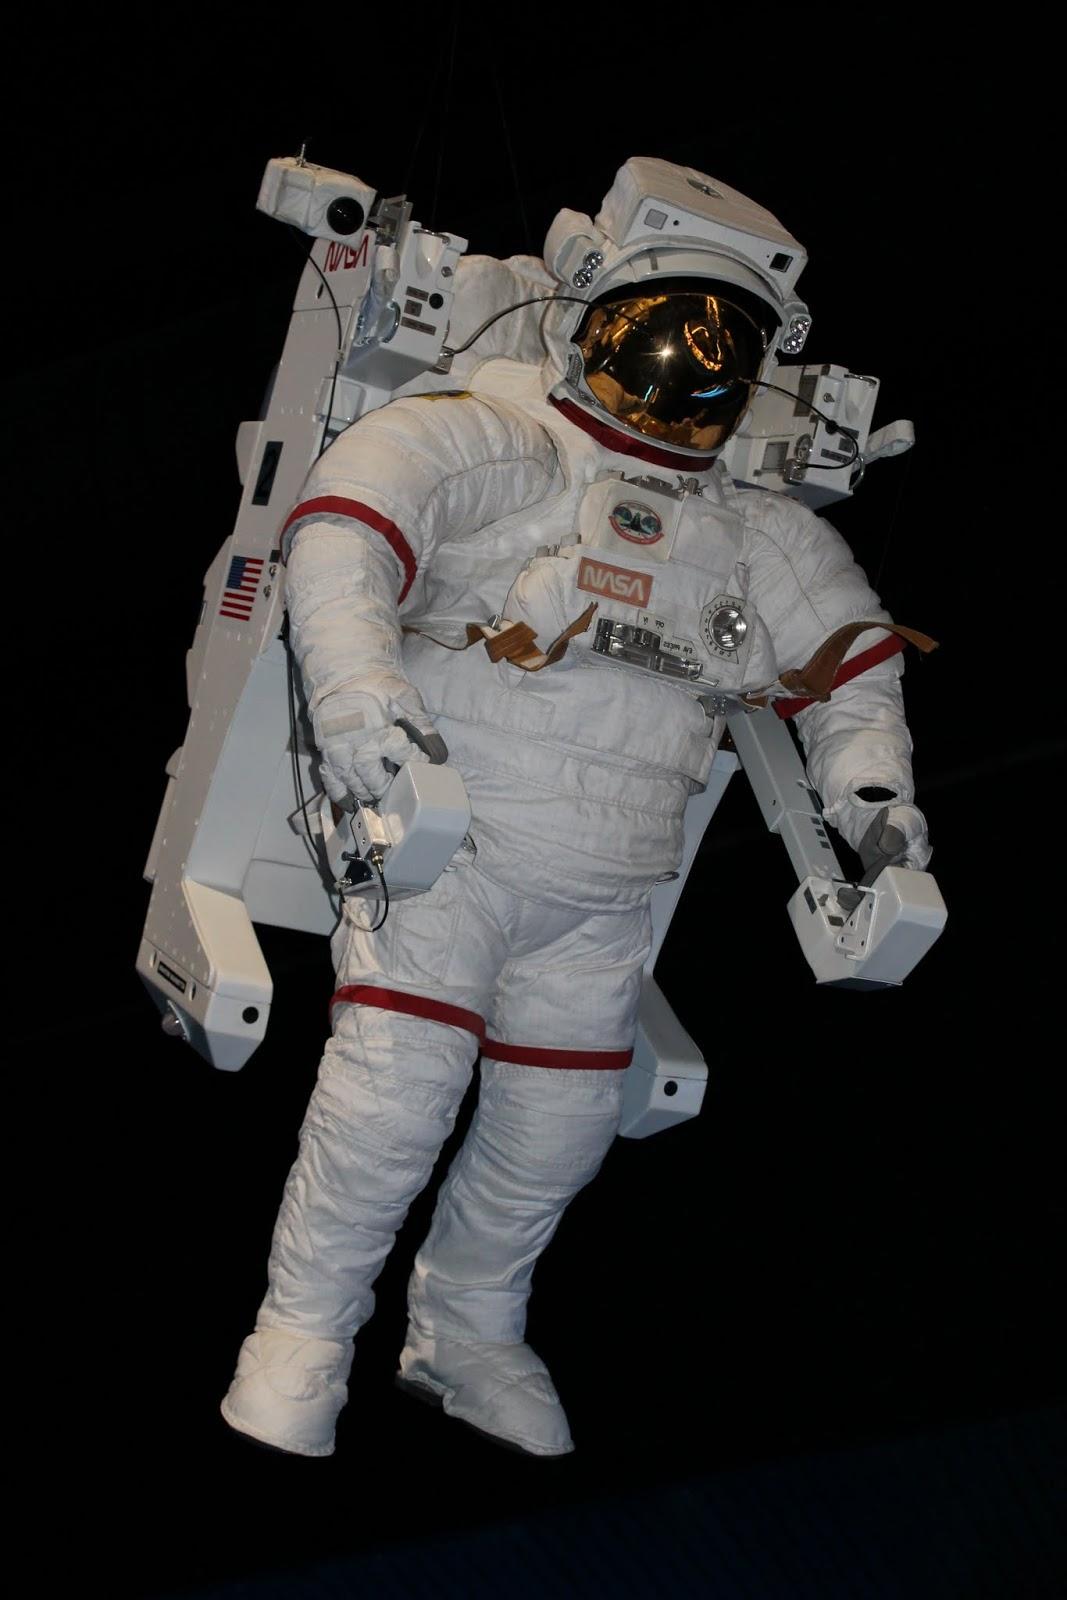 Traje de astronauta en el KSC